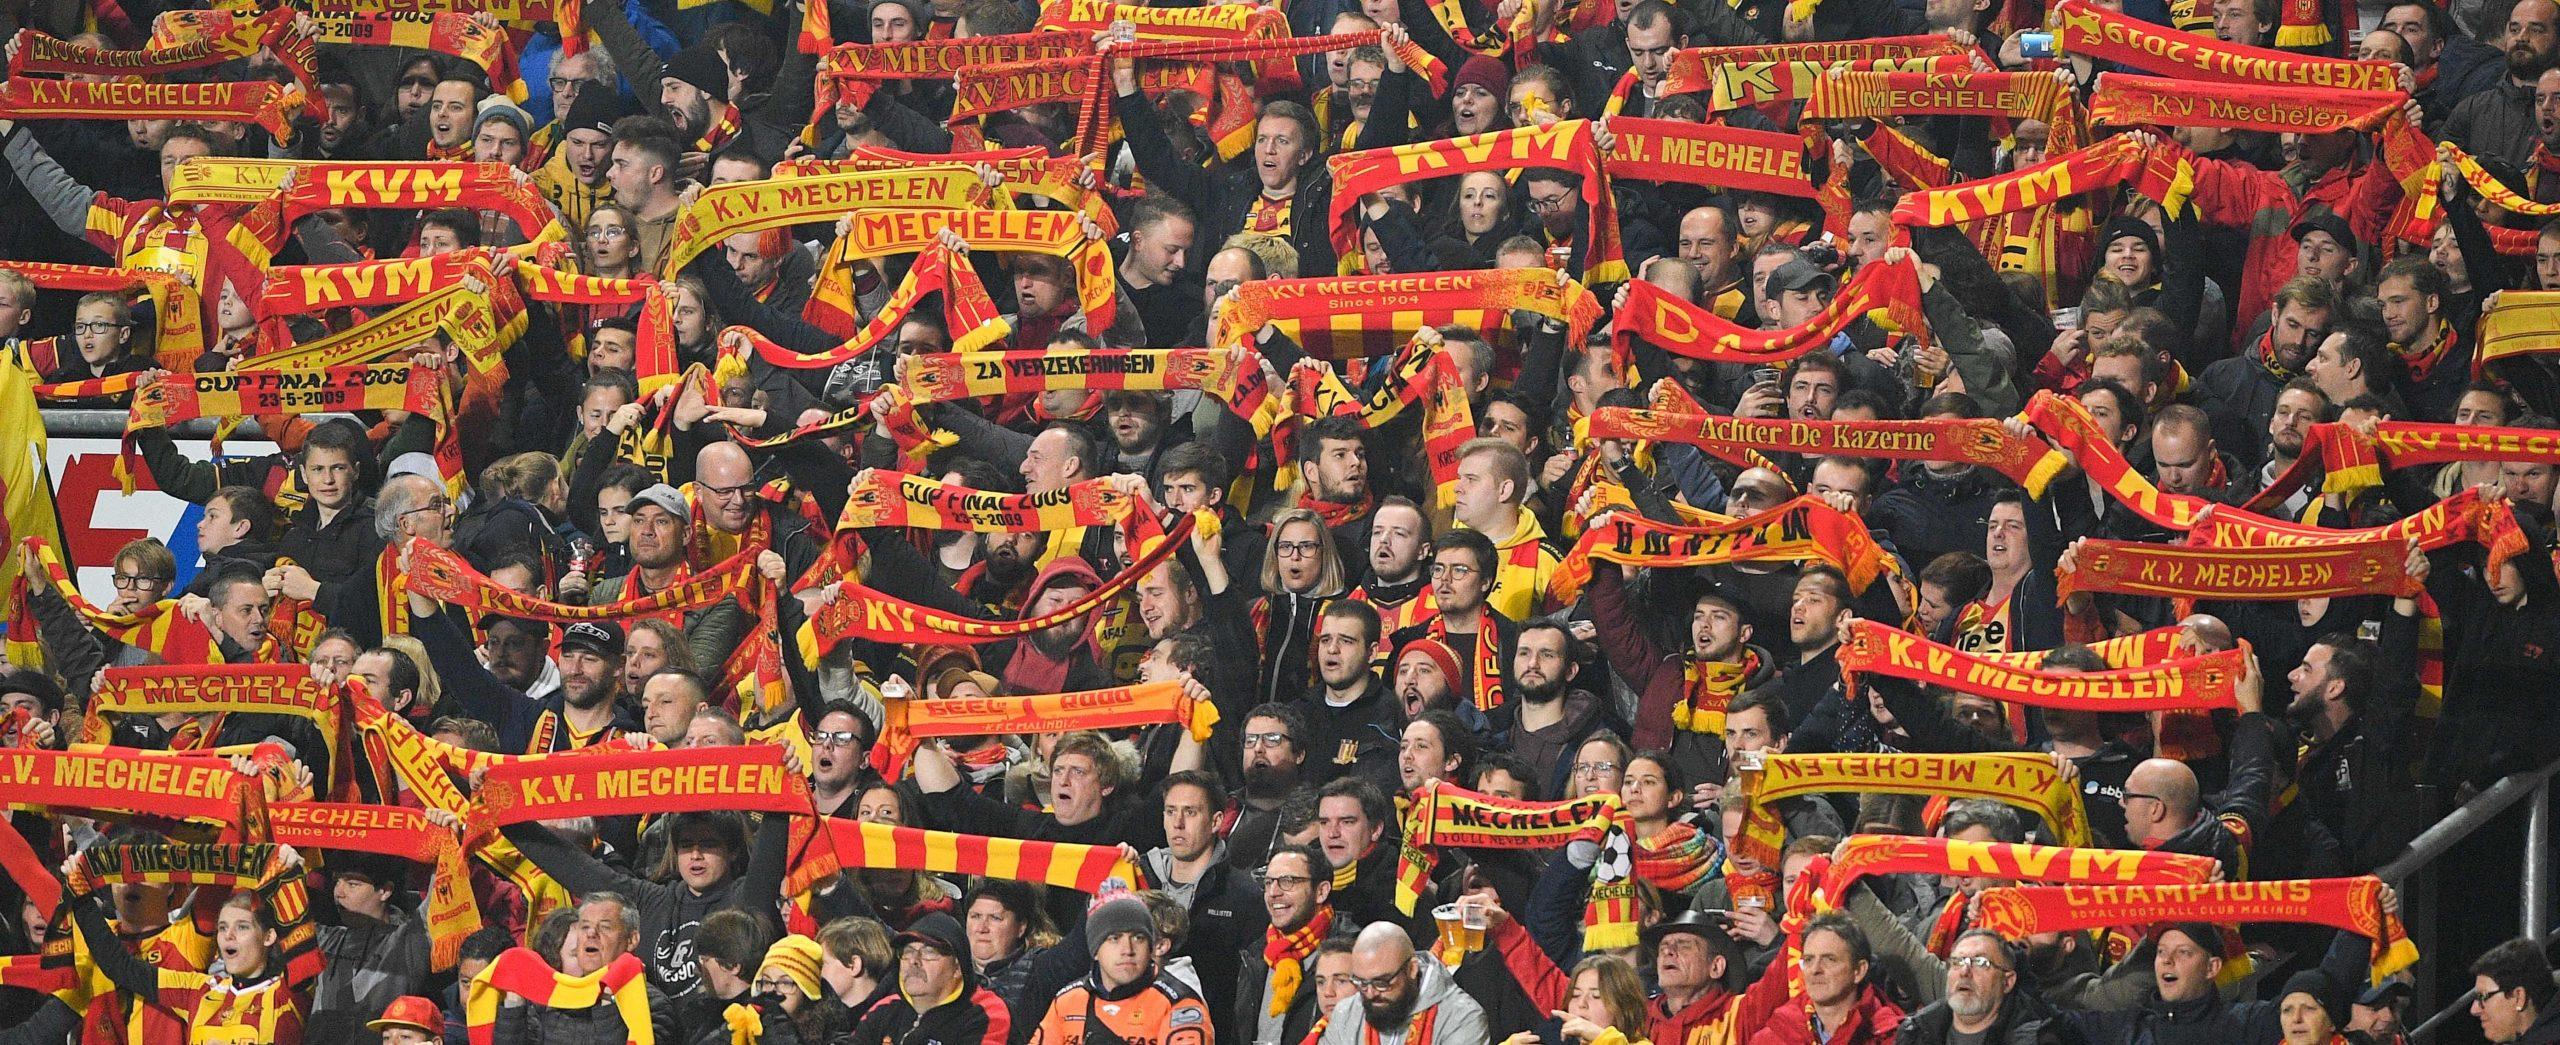 KV-Mechelen-Standard-de-Liège-Jupiler-Pro-League-betFIRST